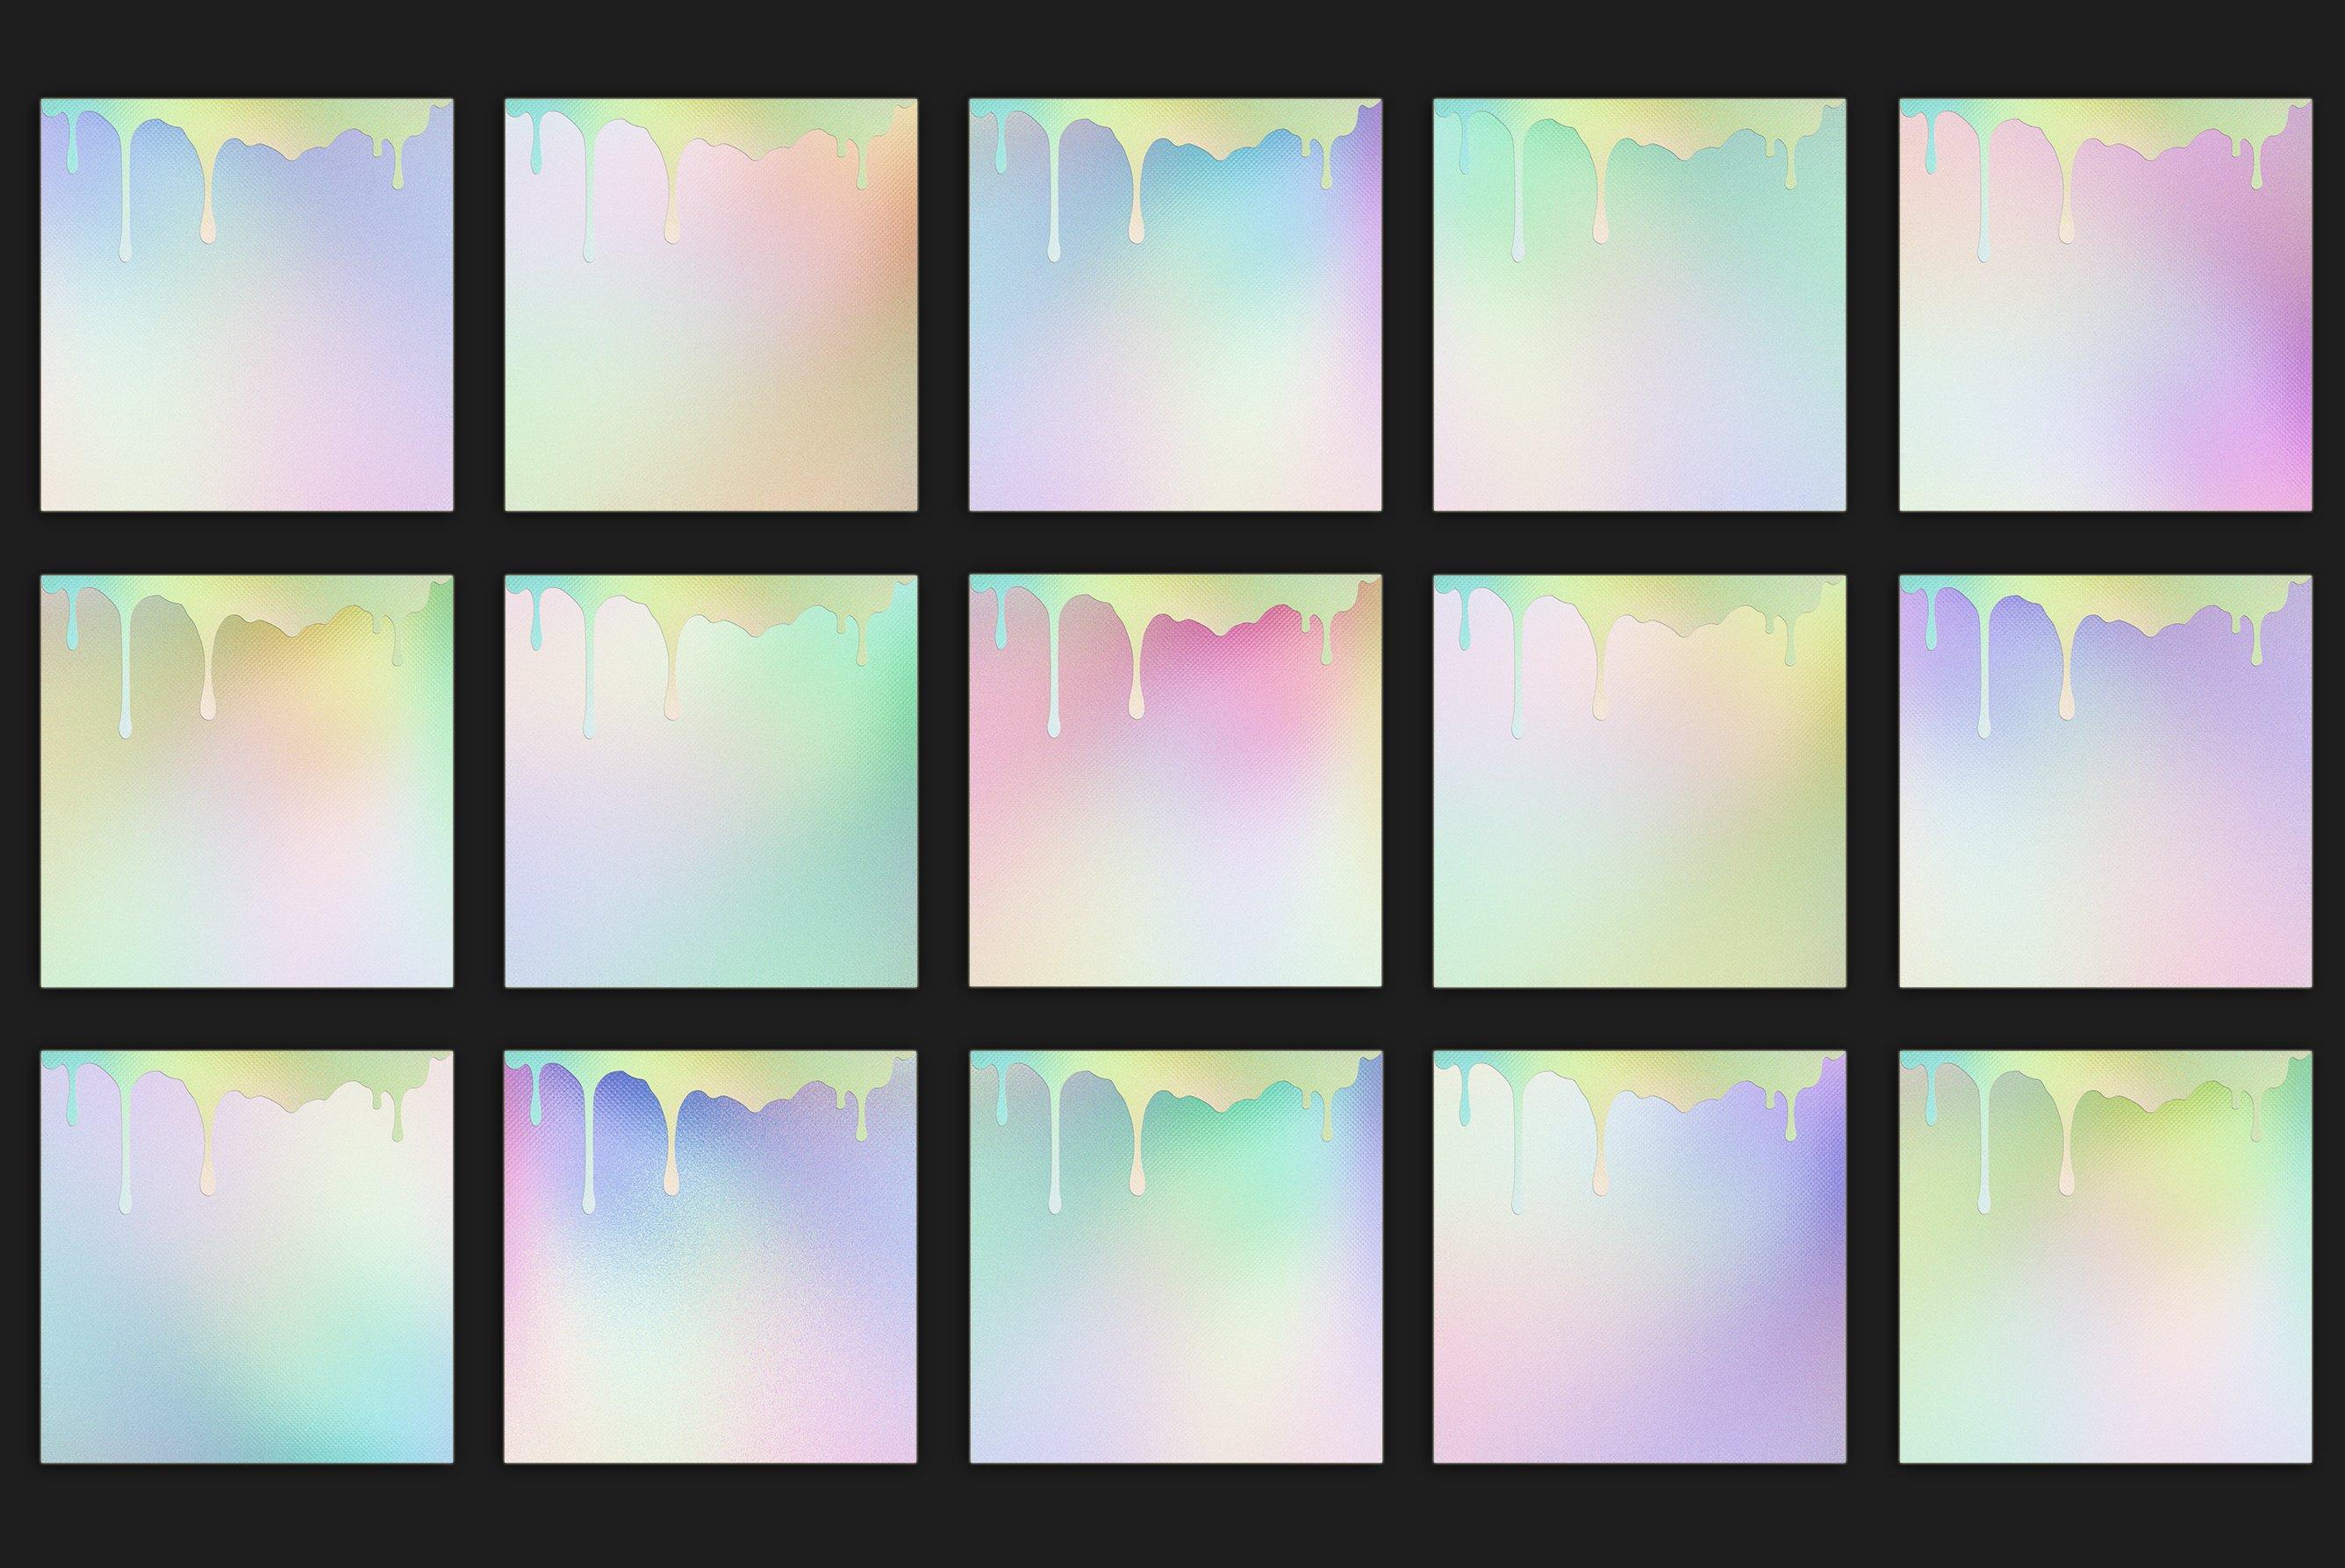 20款高清水滴虹彩海报设计背景纹理图片素材 Dripping Iridescent Textures插图2